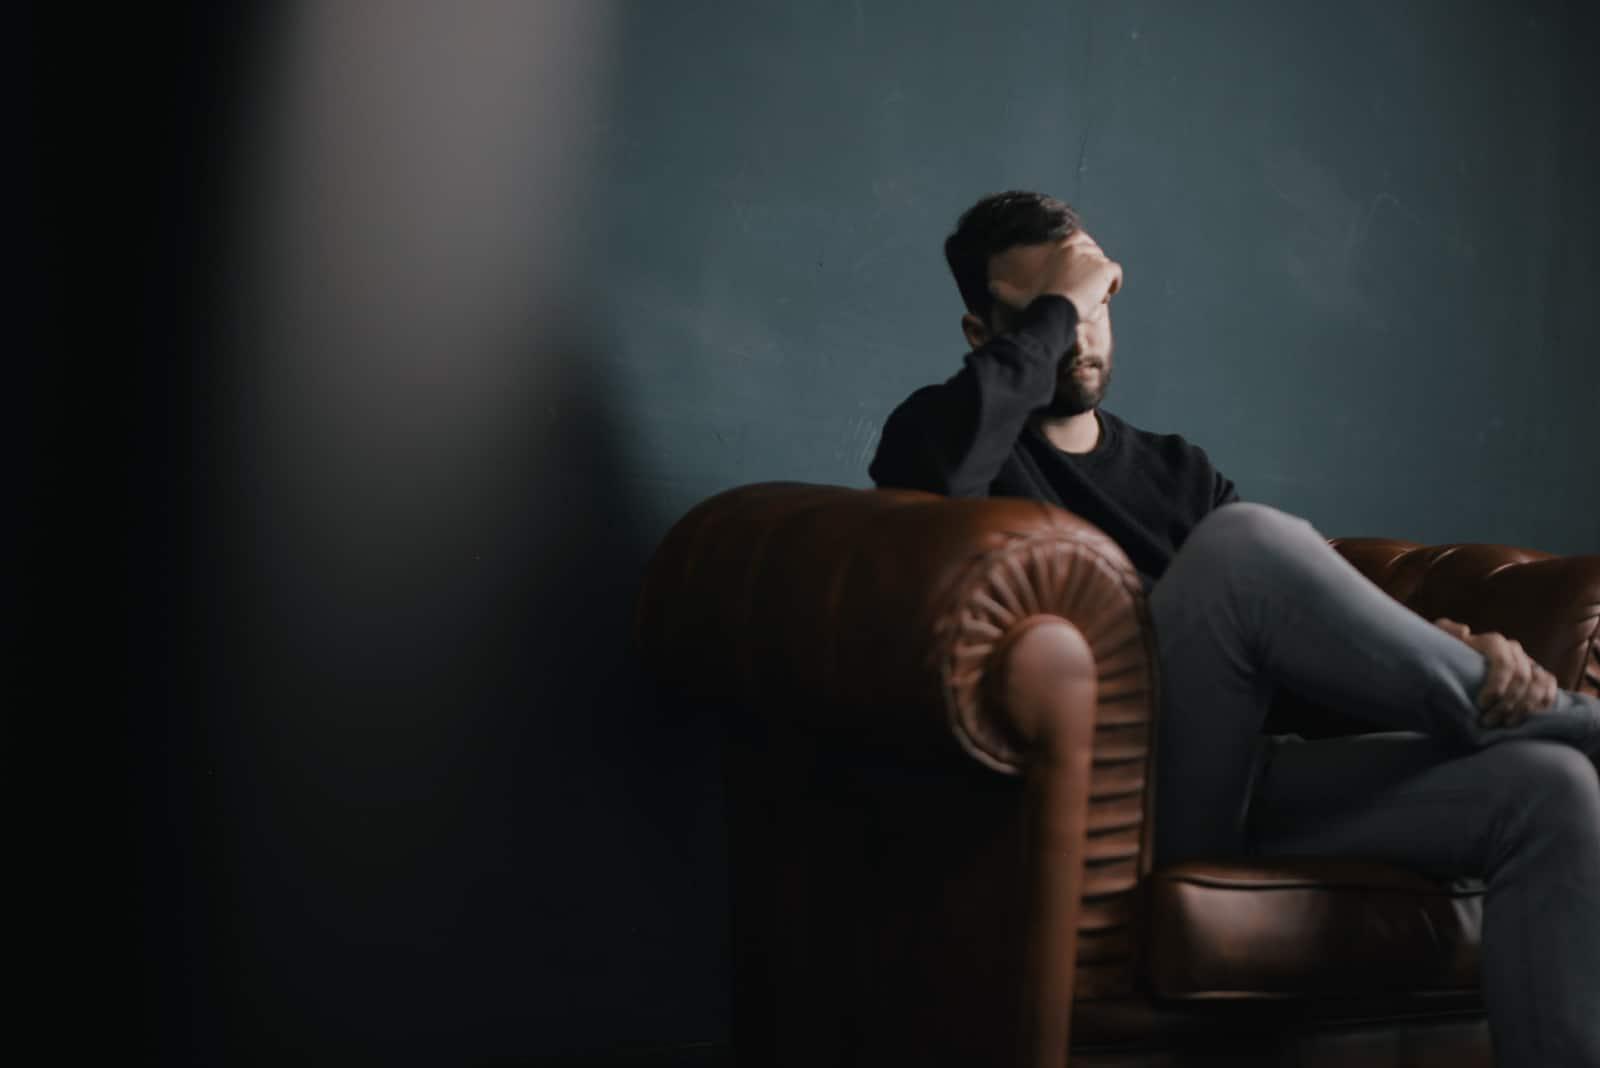 homme triste en sweat-shirt noir assis sur un canapé